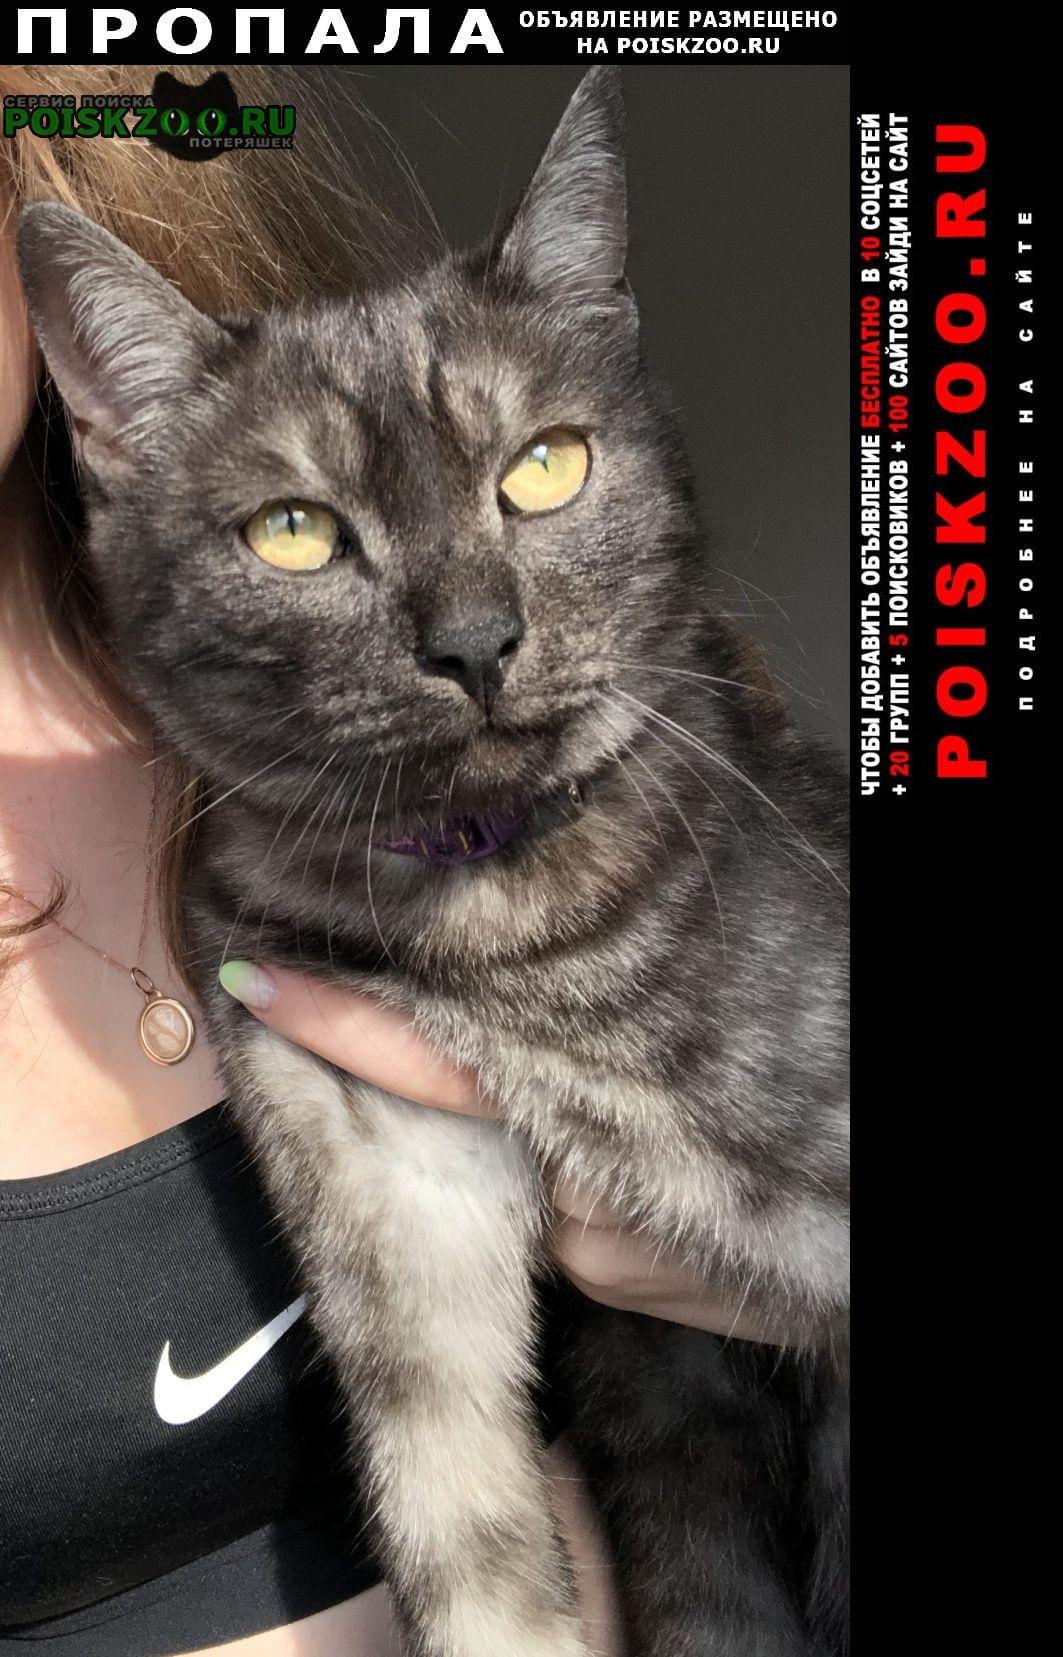 Пропала кошка кот Иркутск